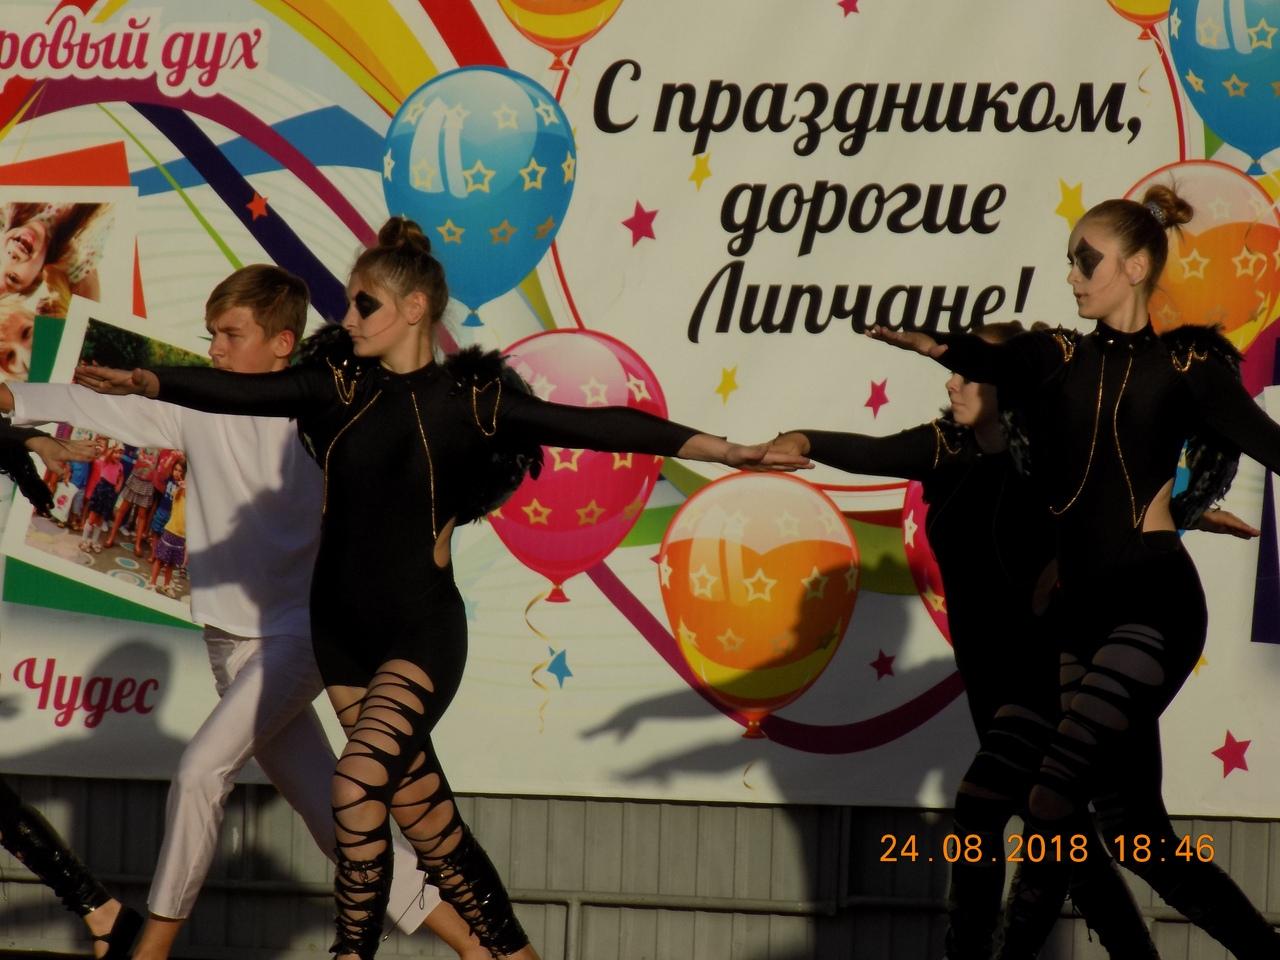 Организаторы липецкого фестиваля ищут таланты — Изображение 1